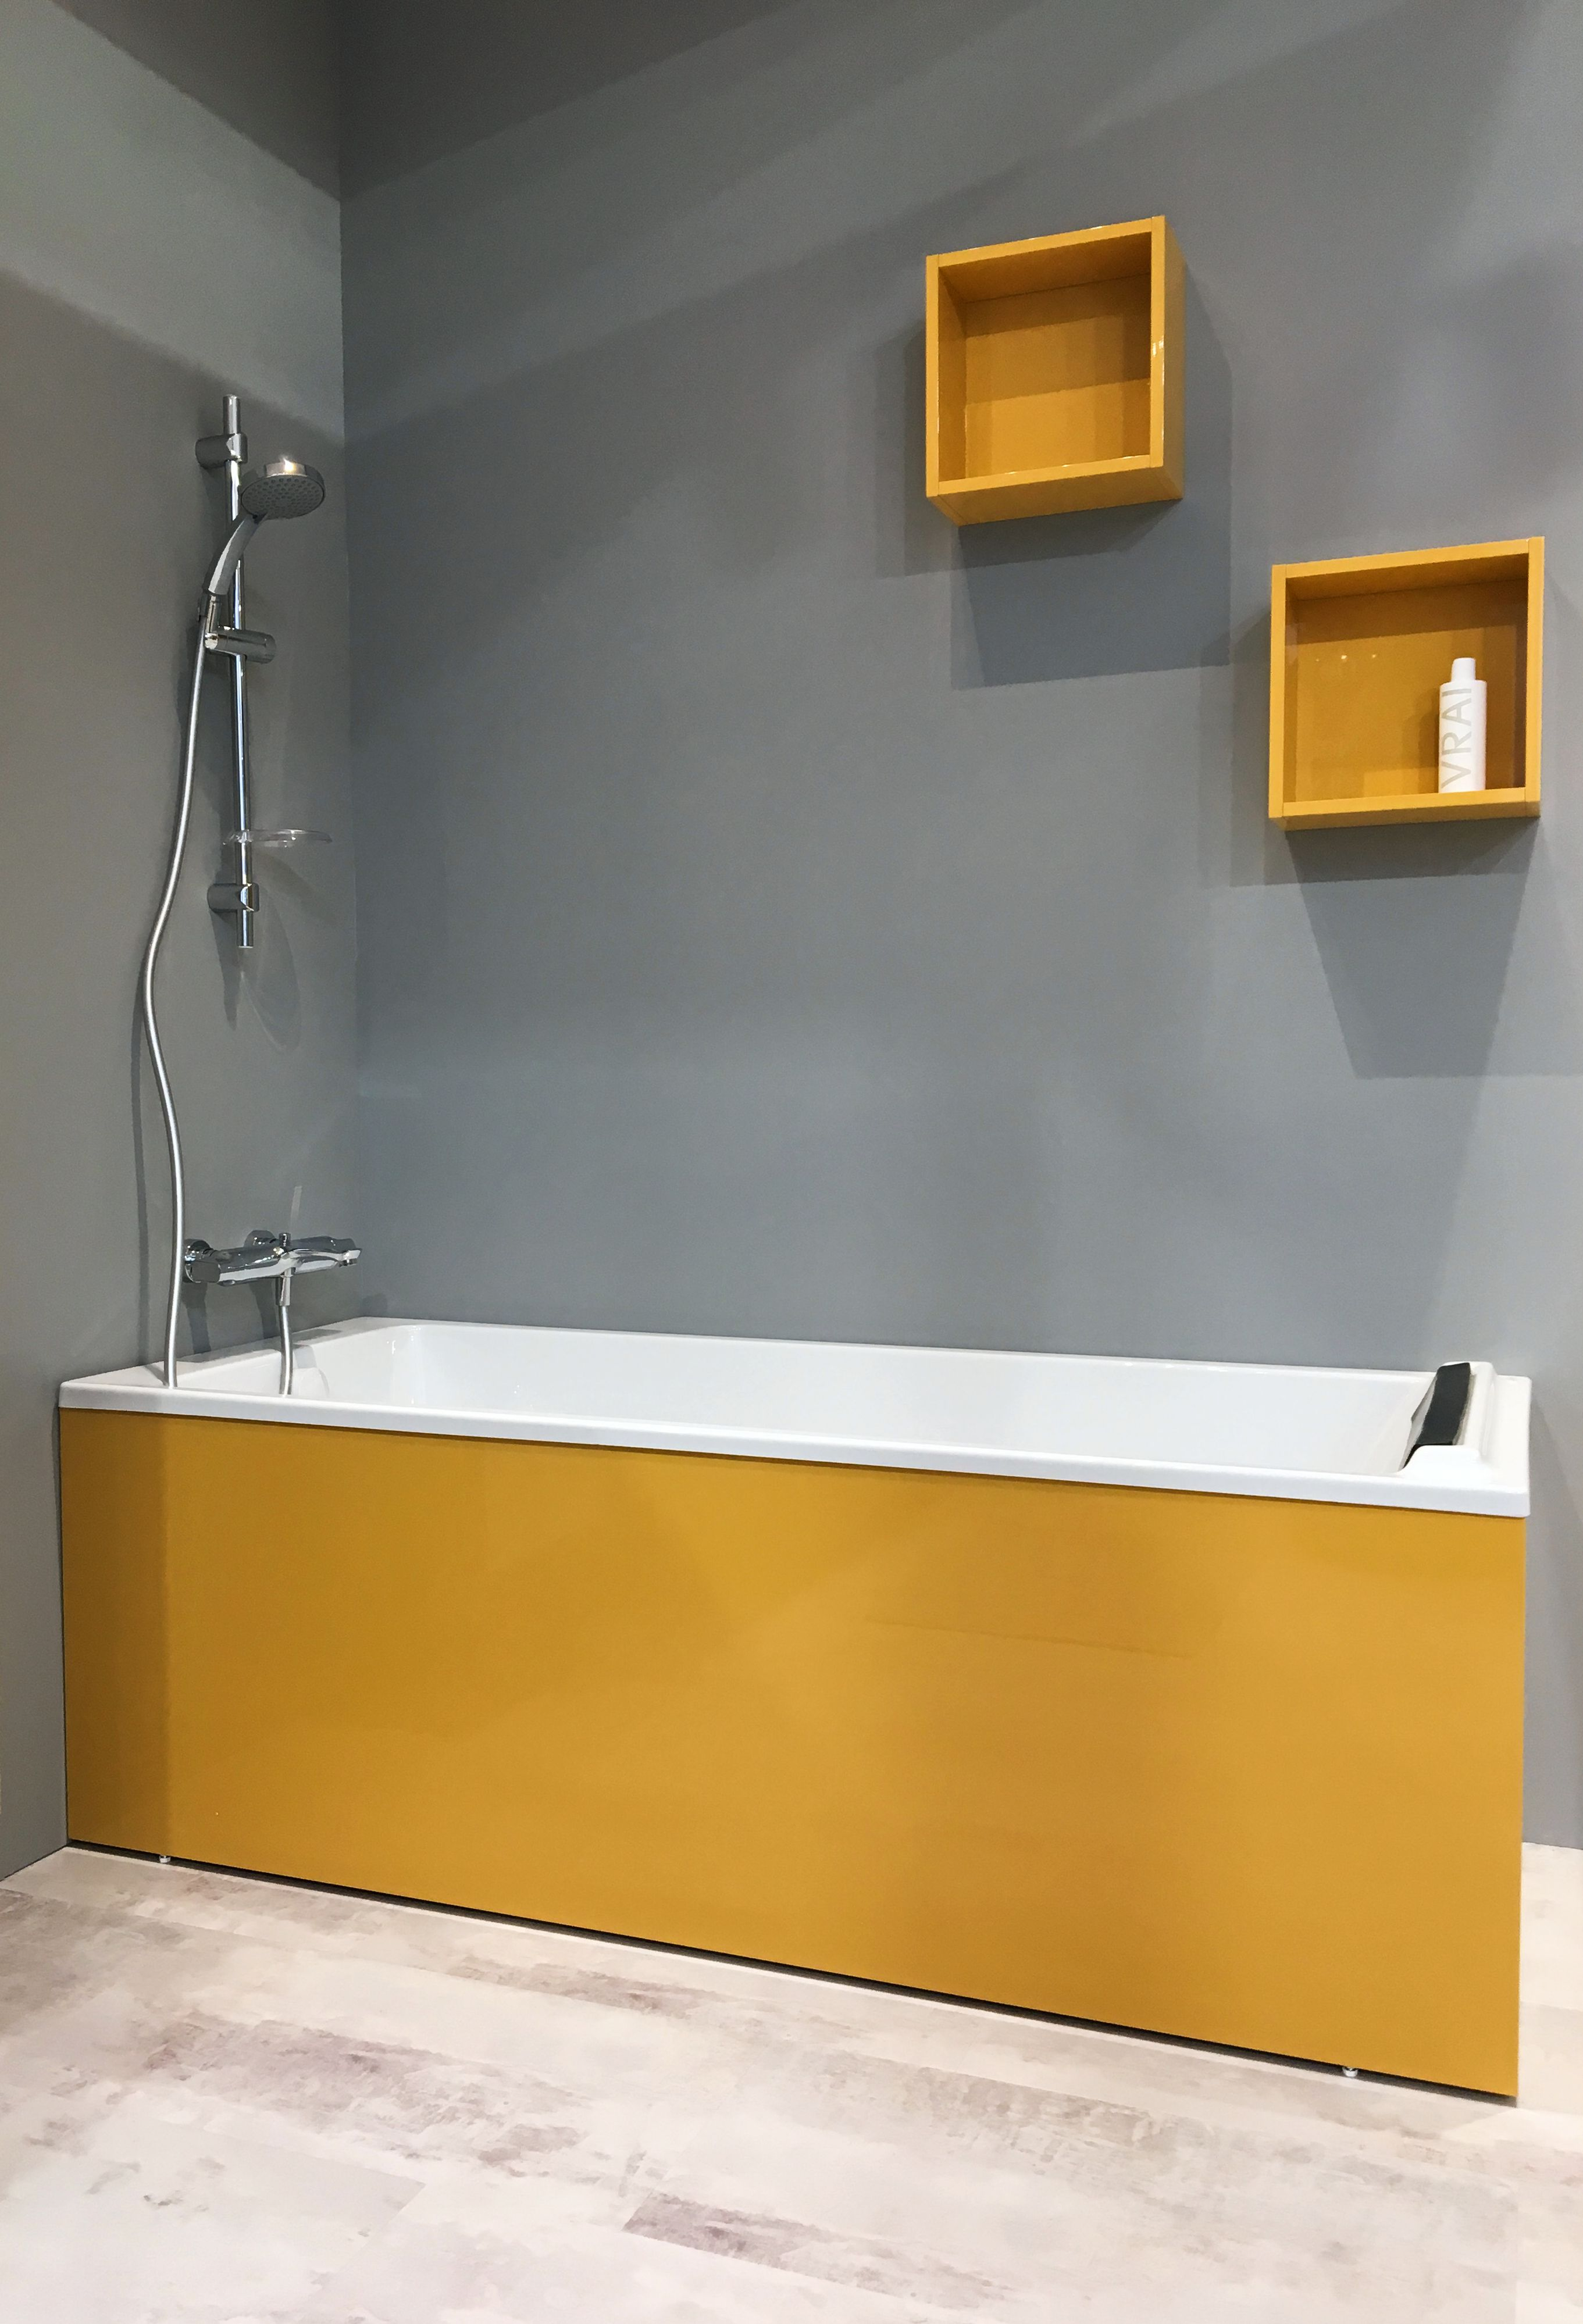 baignoire jaune meuble haut salle de